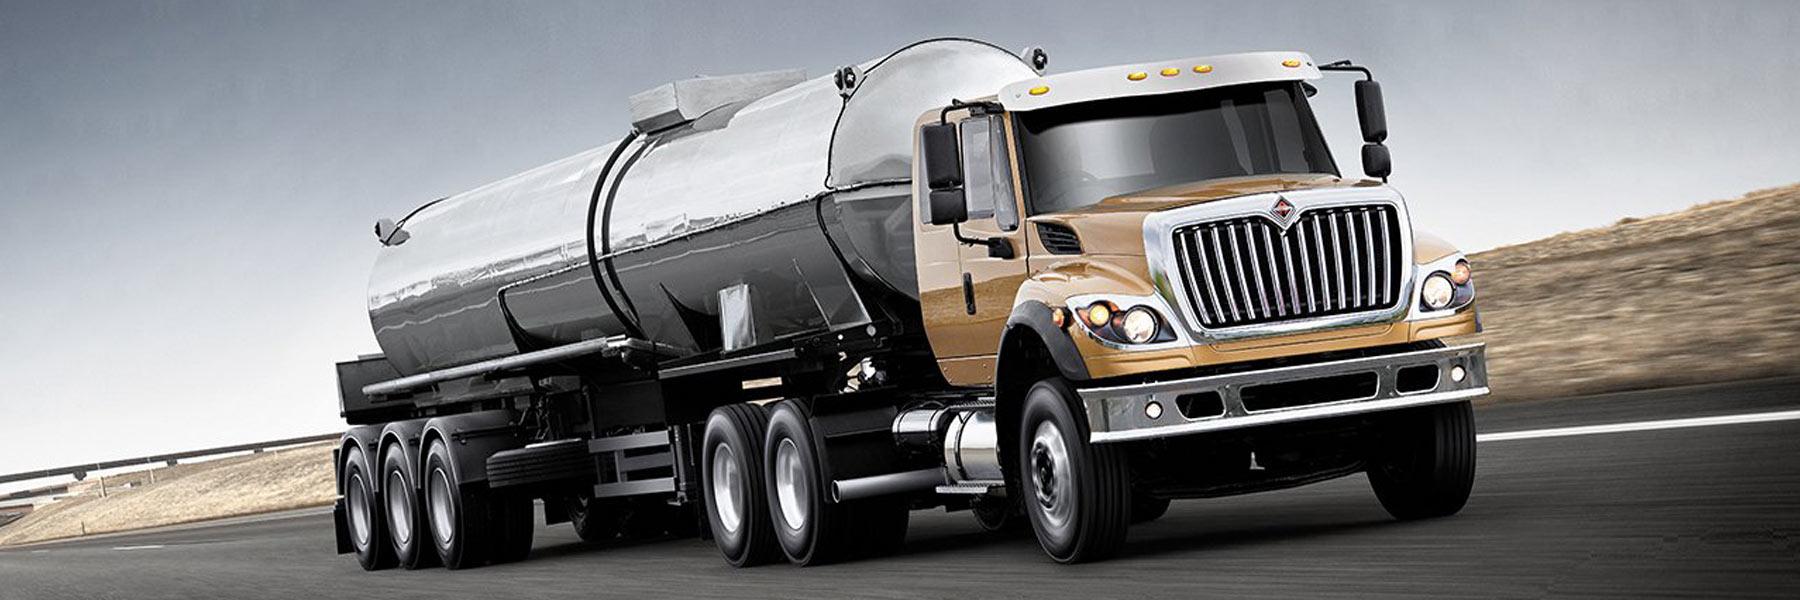 WorkStar International Truck